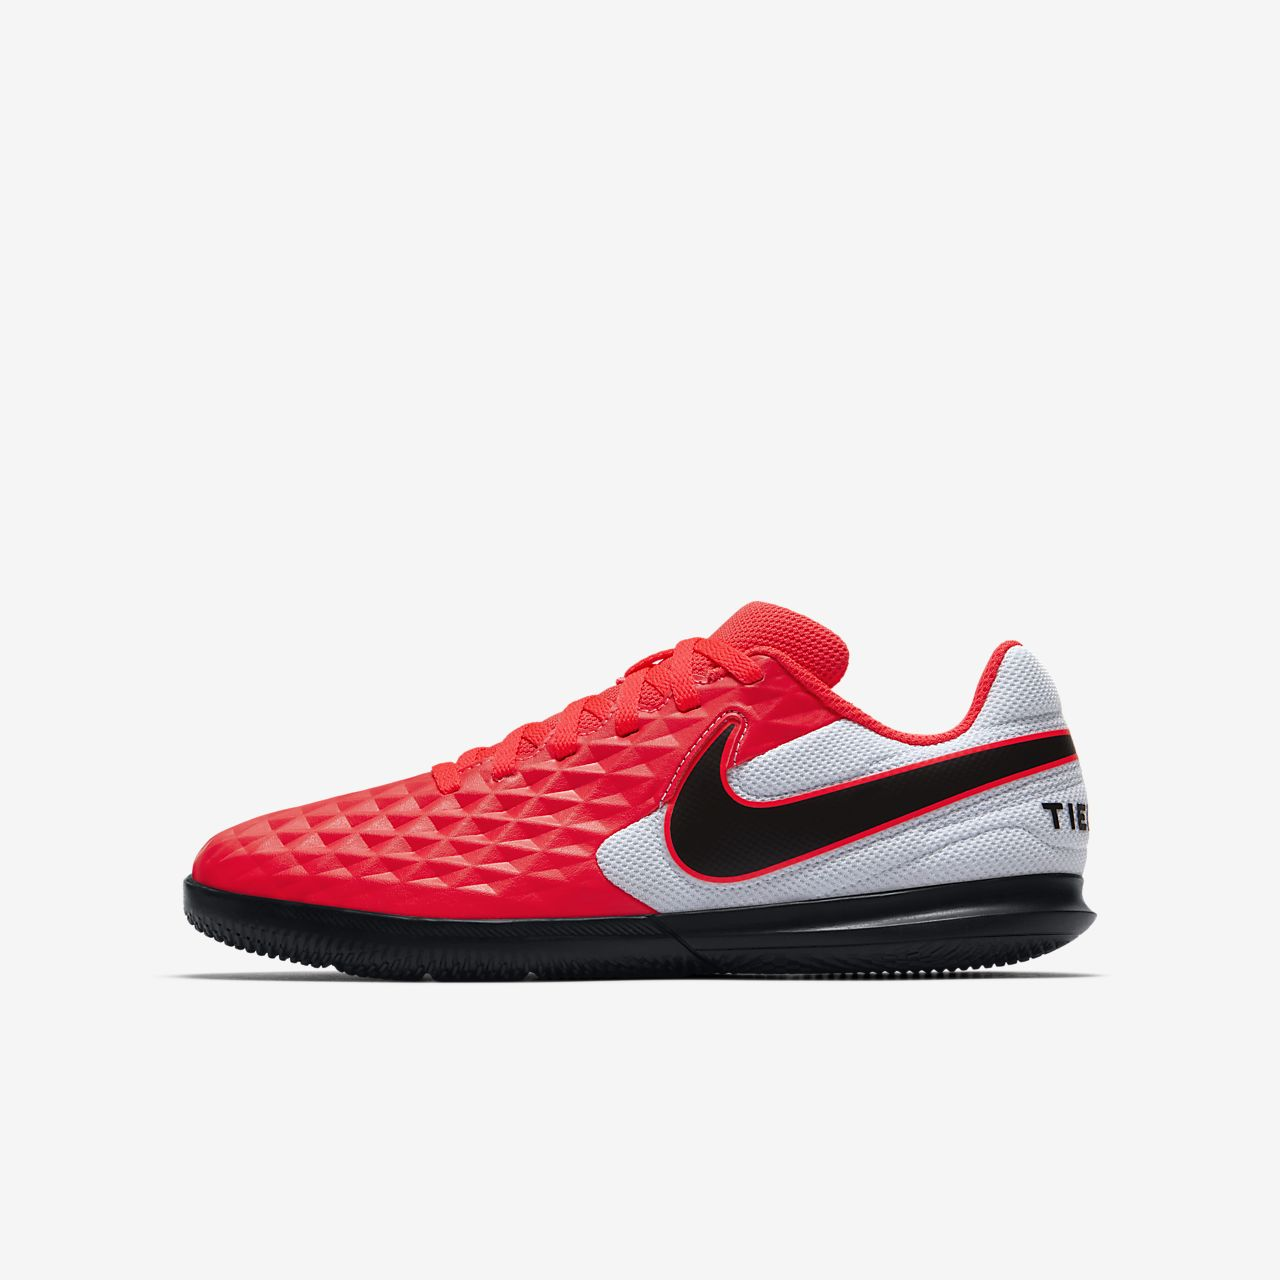 Nike JR Legend 8 Club IC 大童室内球场足球童鞋